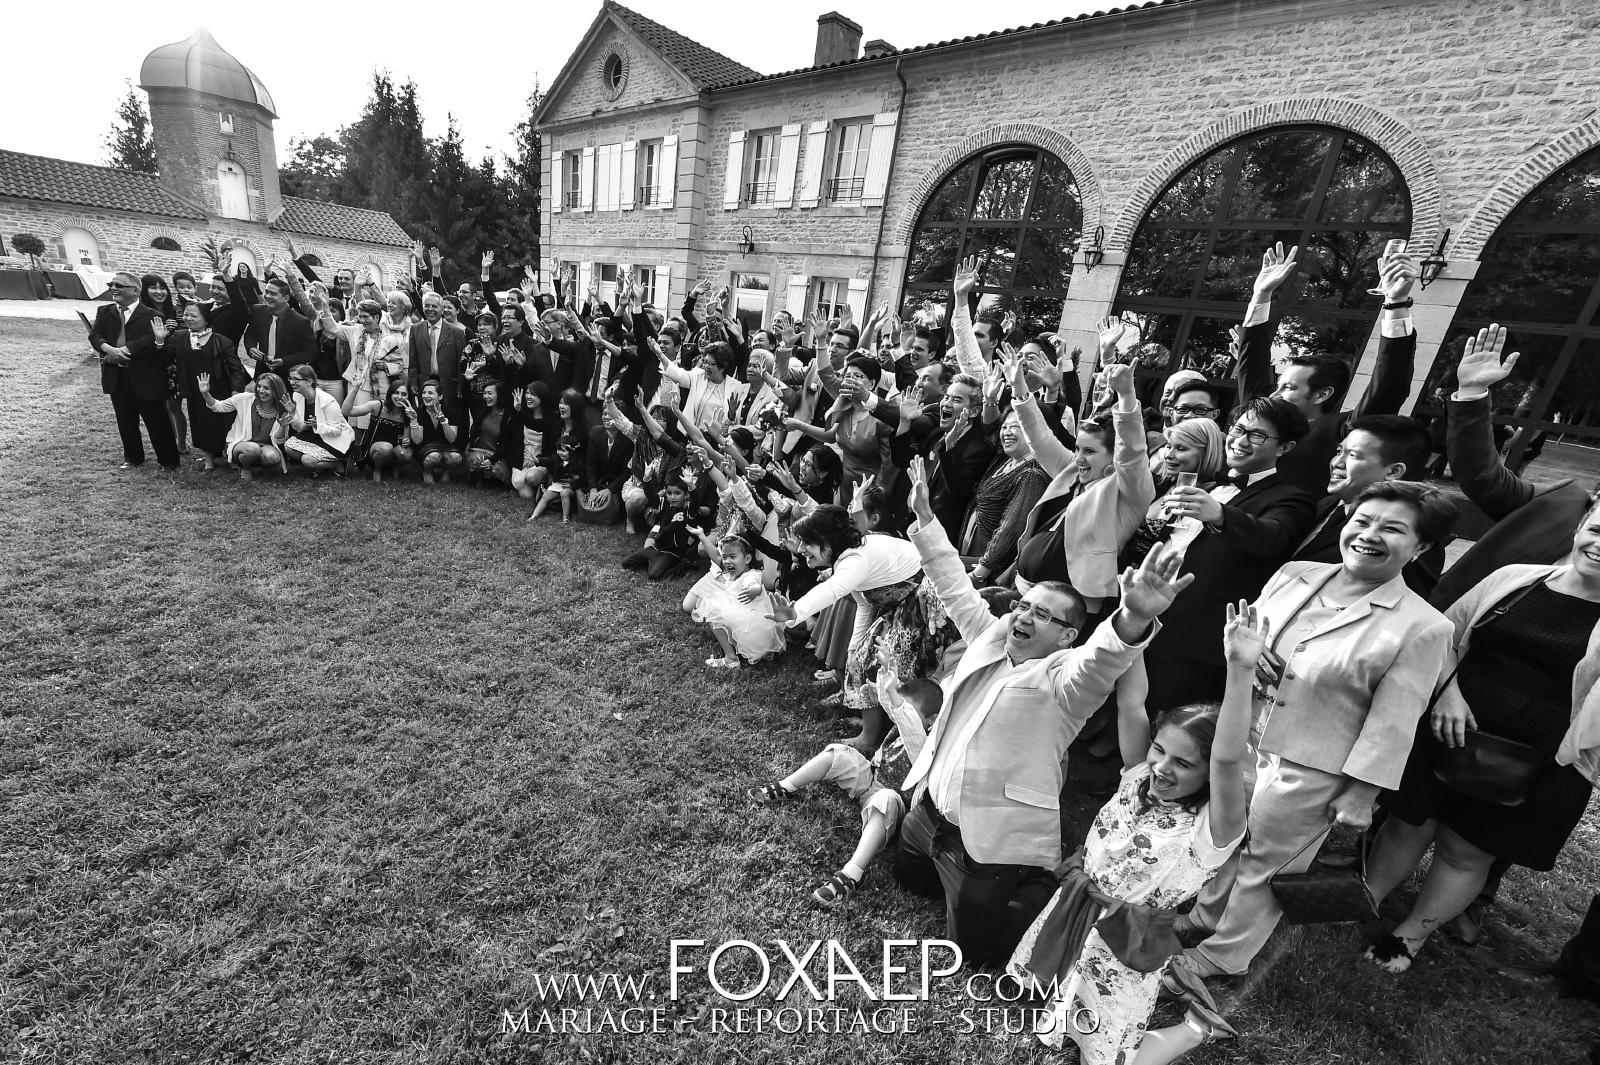 FOXAEP-ALEXIS-TIPH-HD-5221